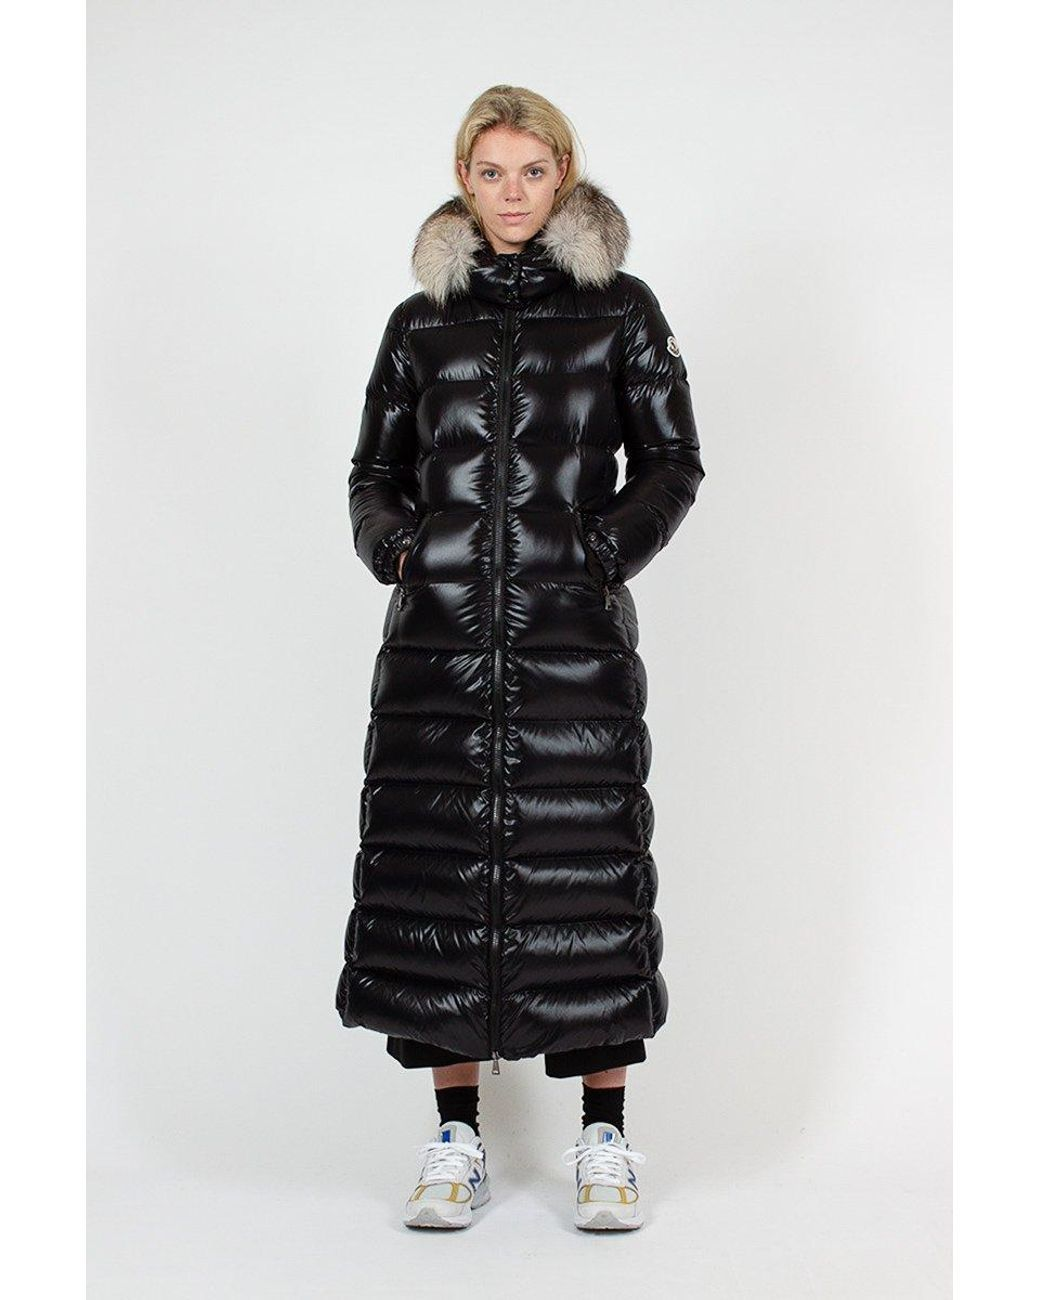 Moncler Goose Black Hudson Jacket Lyst Moncler Jacket Women Puffer Jacket Women Jackets [ 1300 x 1040 Pixel ]